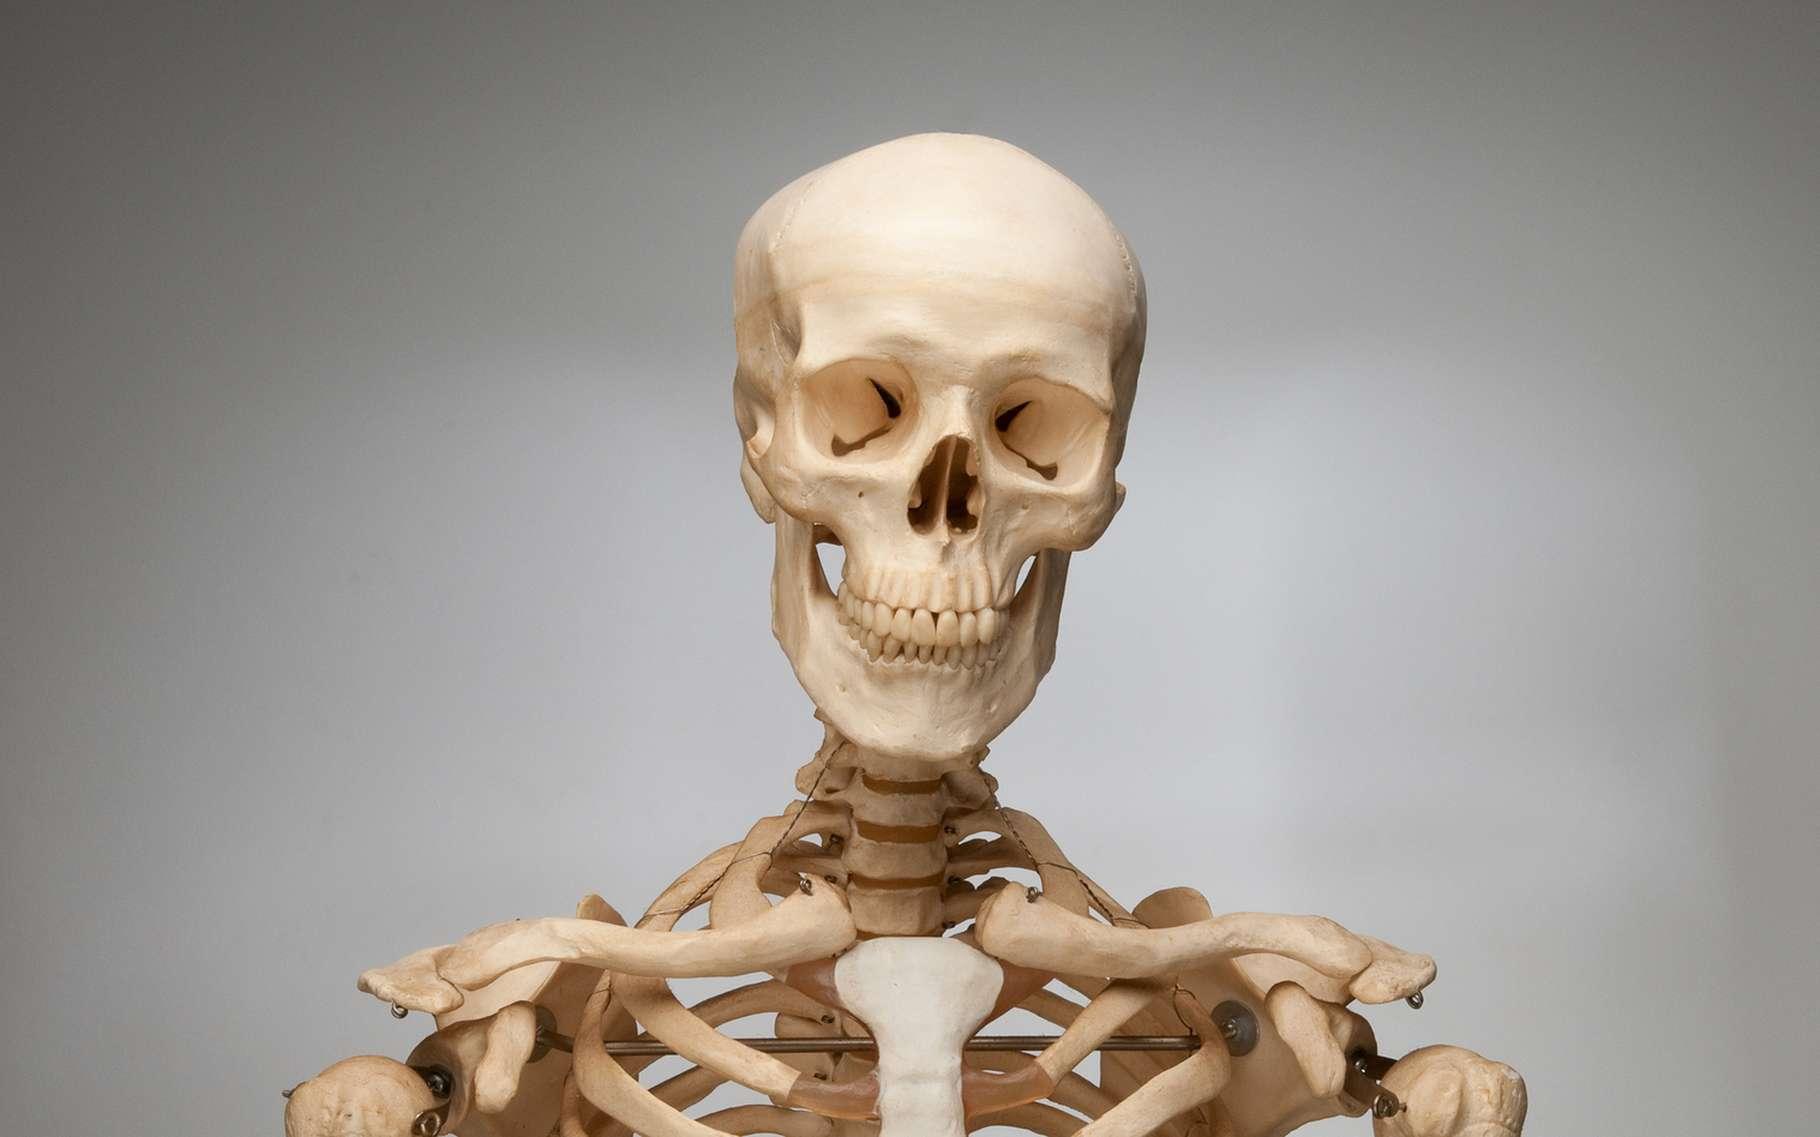 Combien y a-t-il d'os dans le corps humain ? © GG.Image, Shutterstock